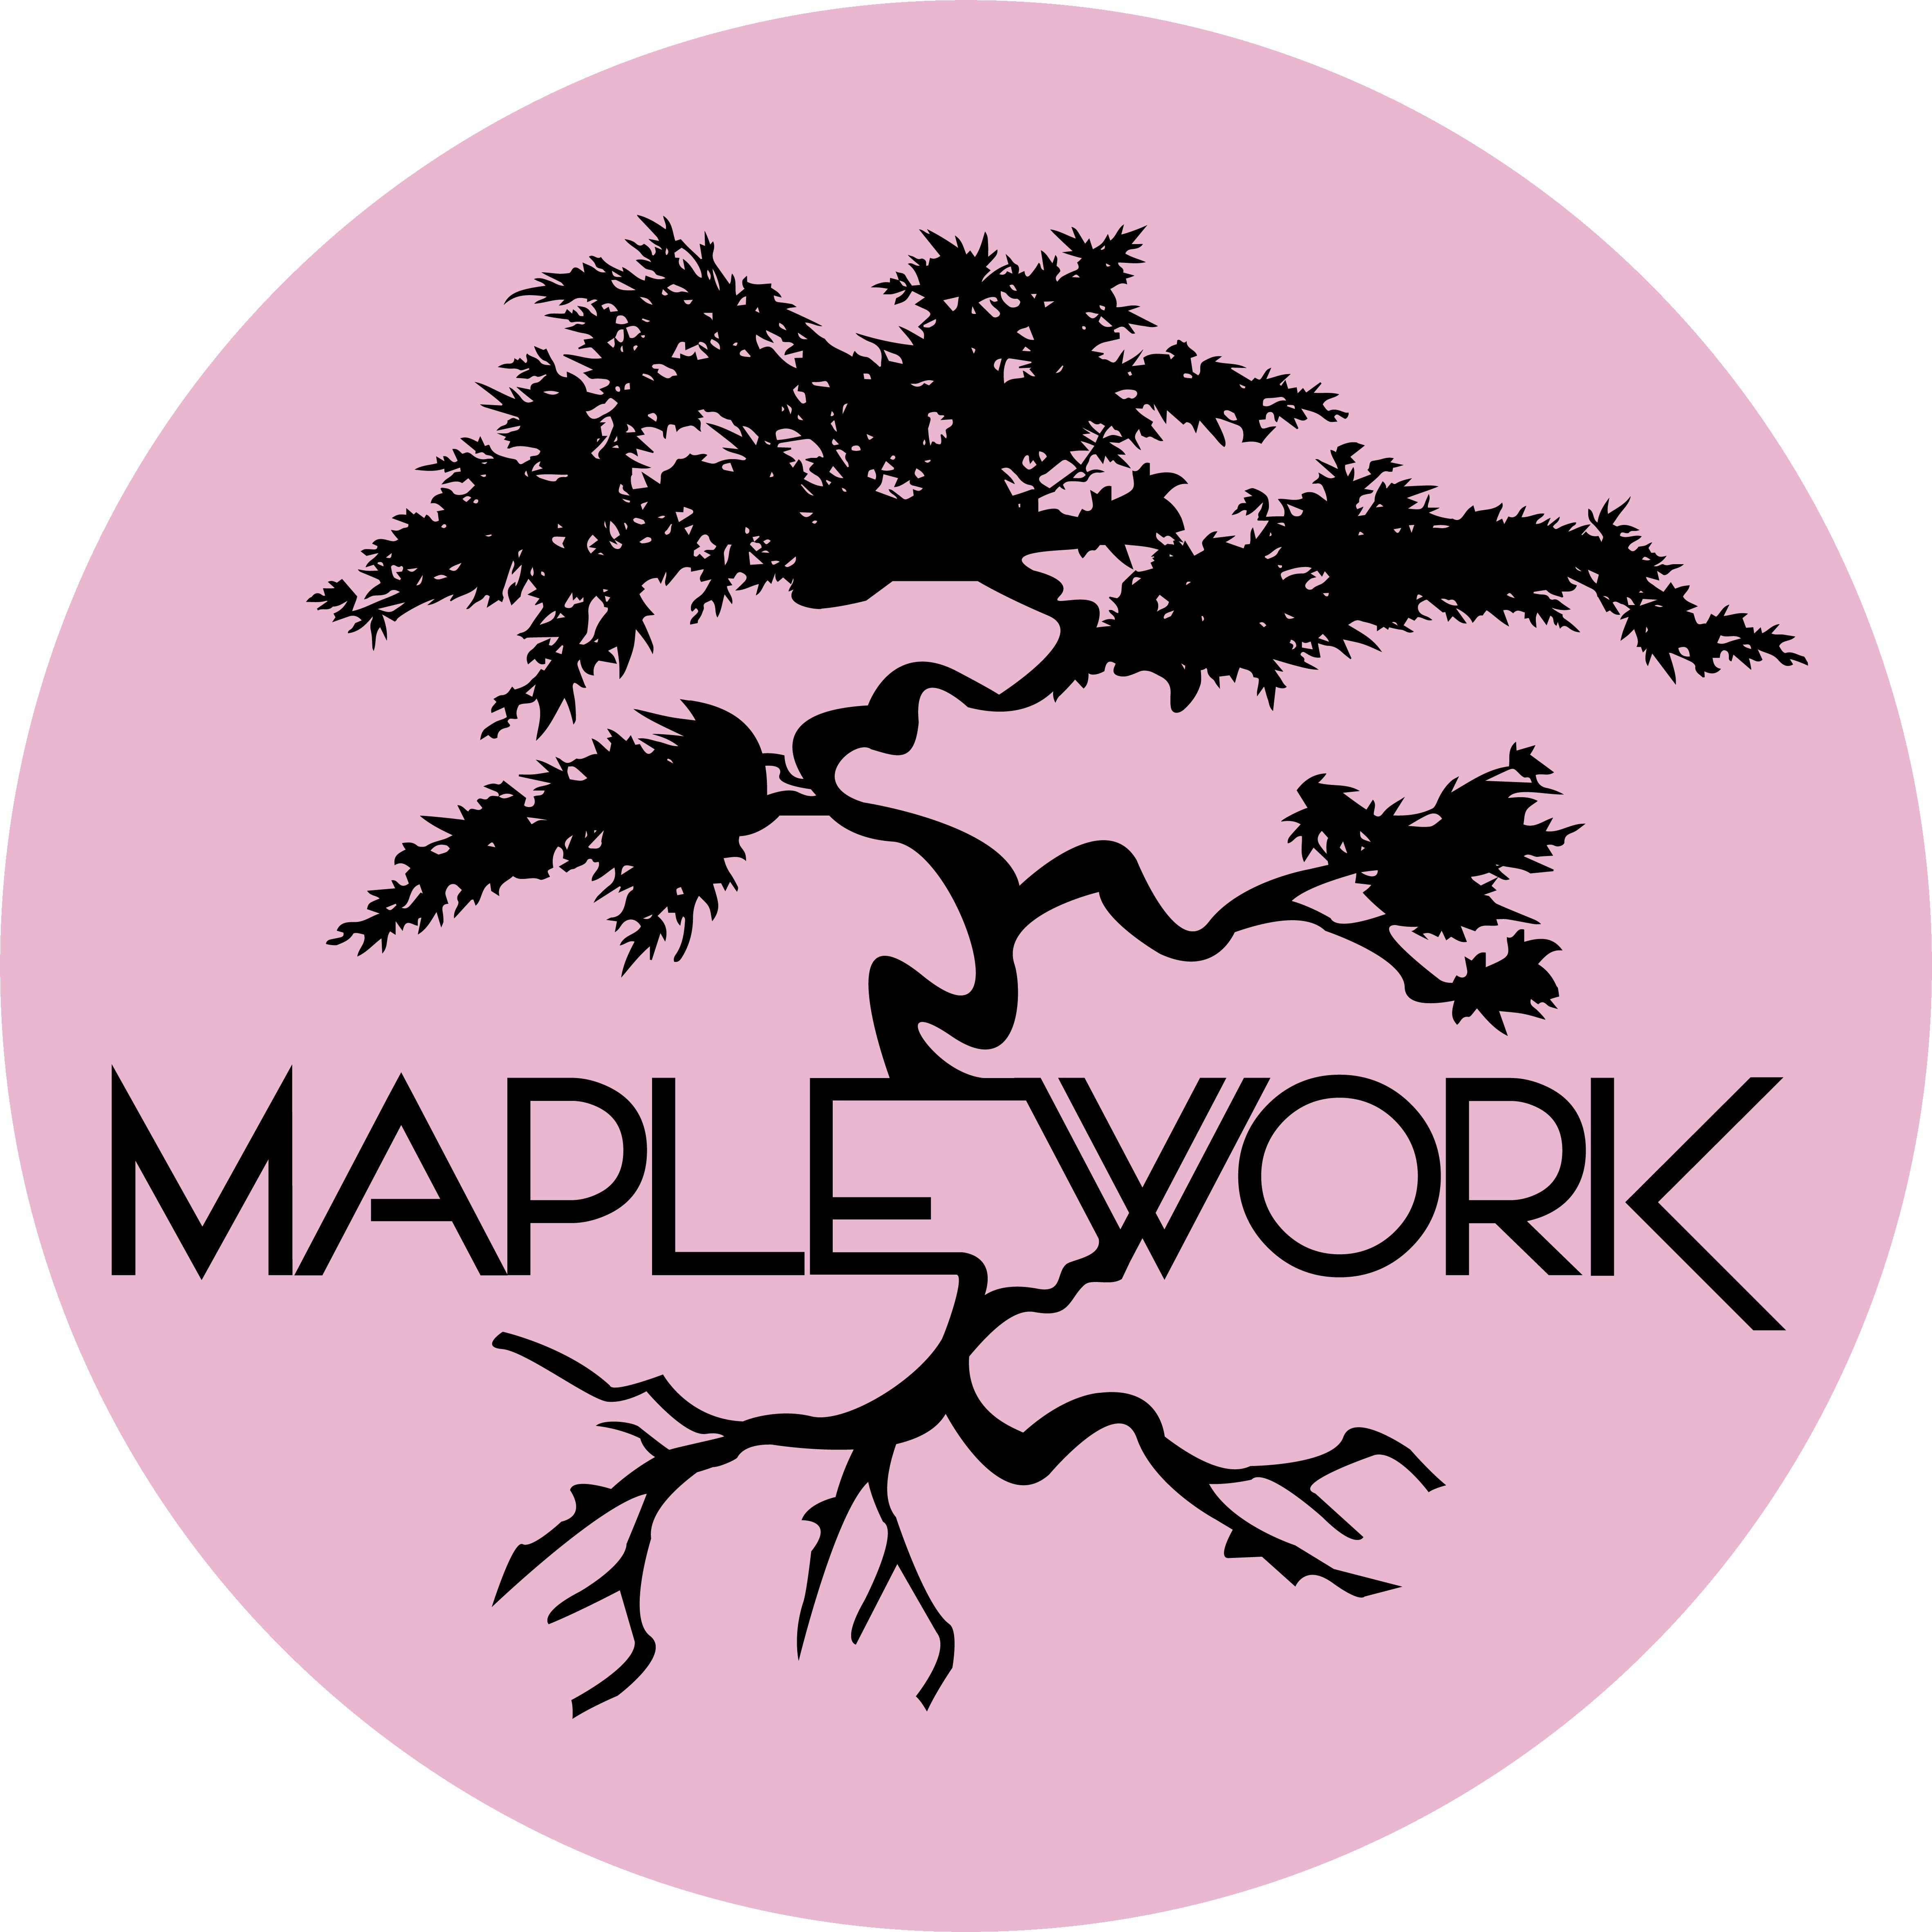 Maple work